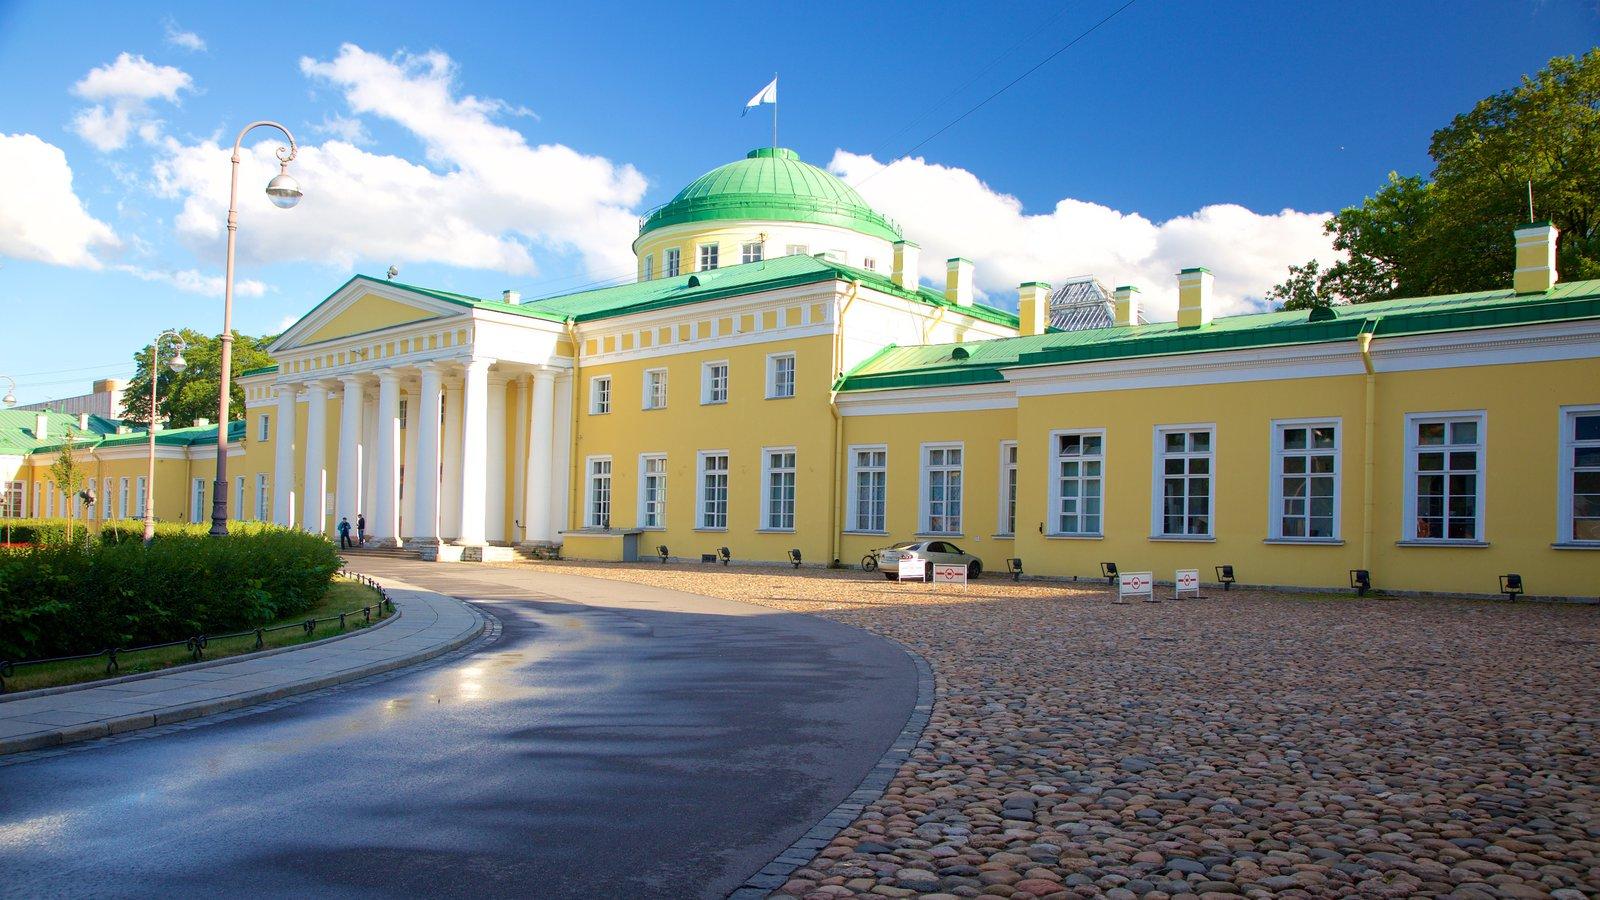 Palácio Tauride que inclui um pequeno castelo ou palácio